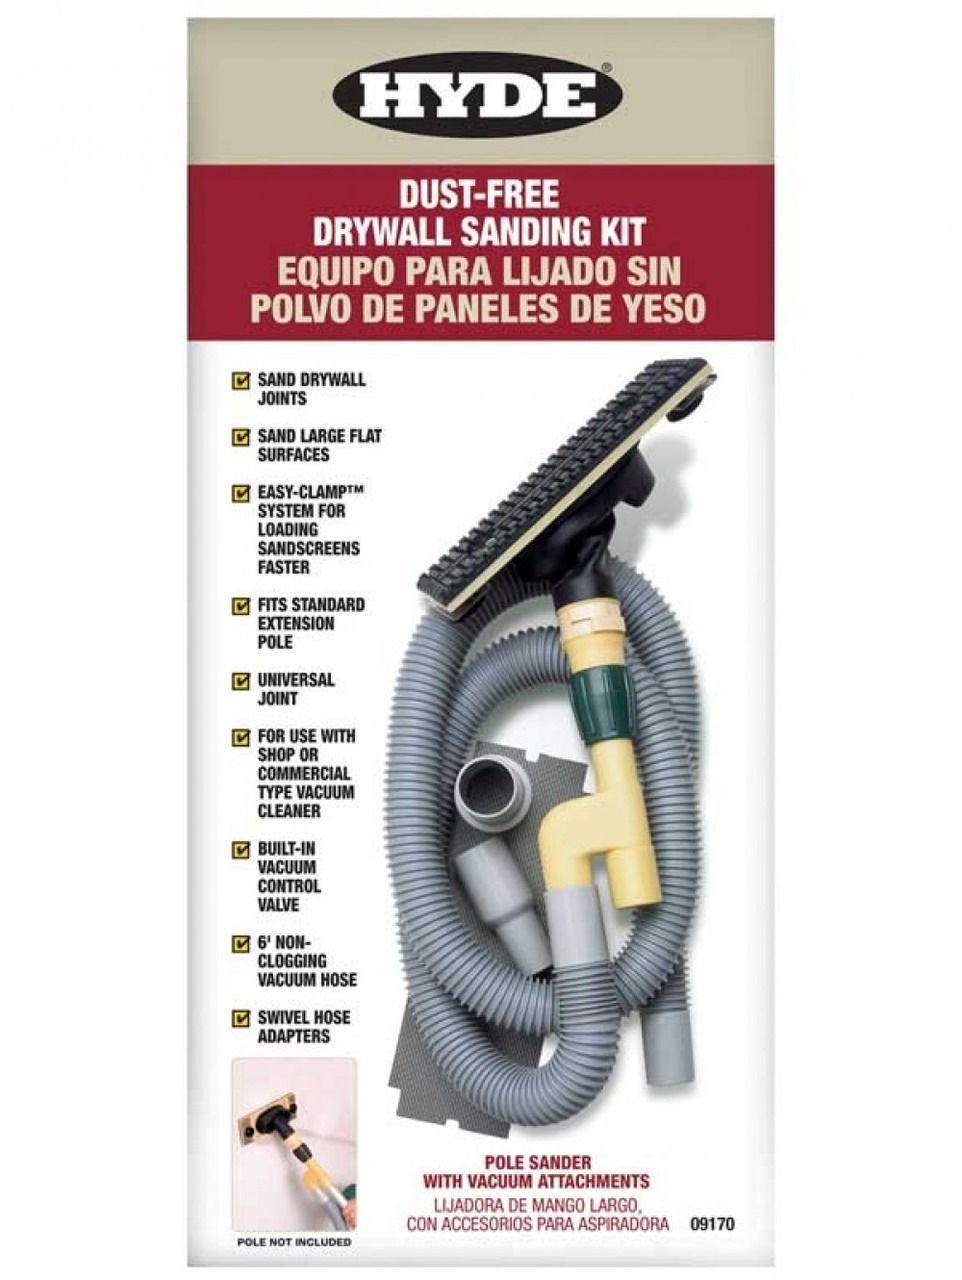 Hyde DustFree Vacuum Pole Sander Kit Vacuums, Dust free